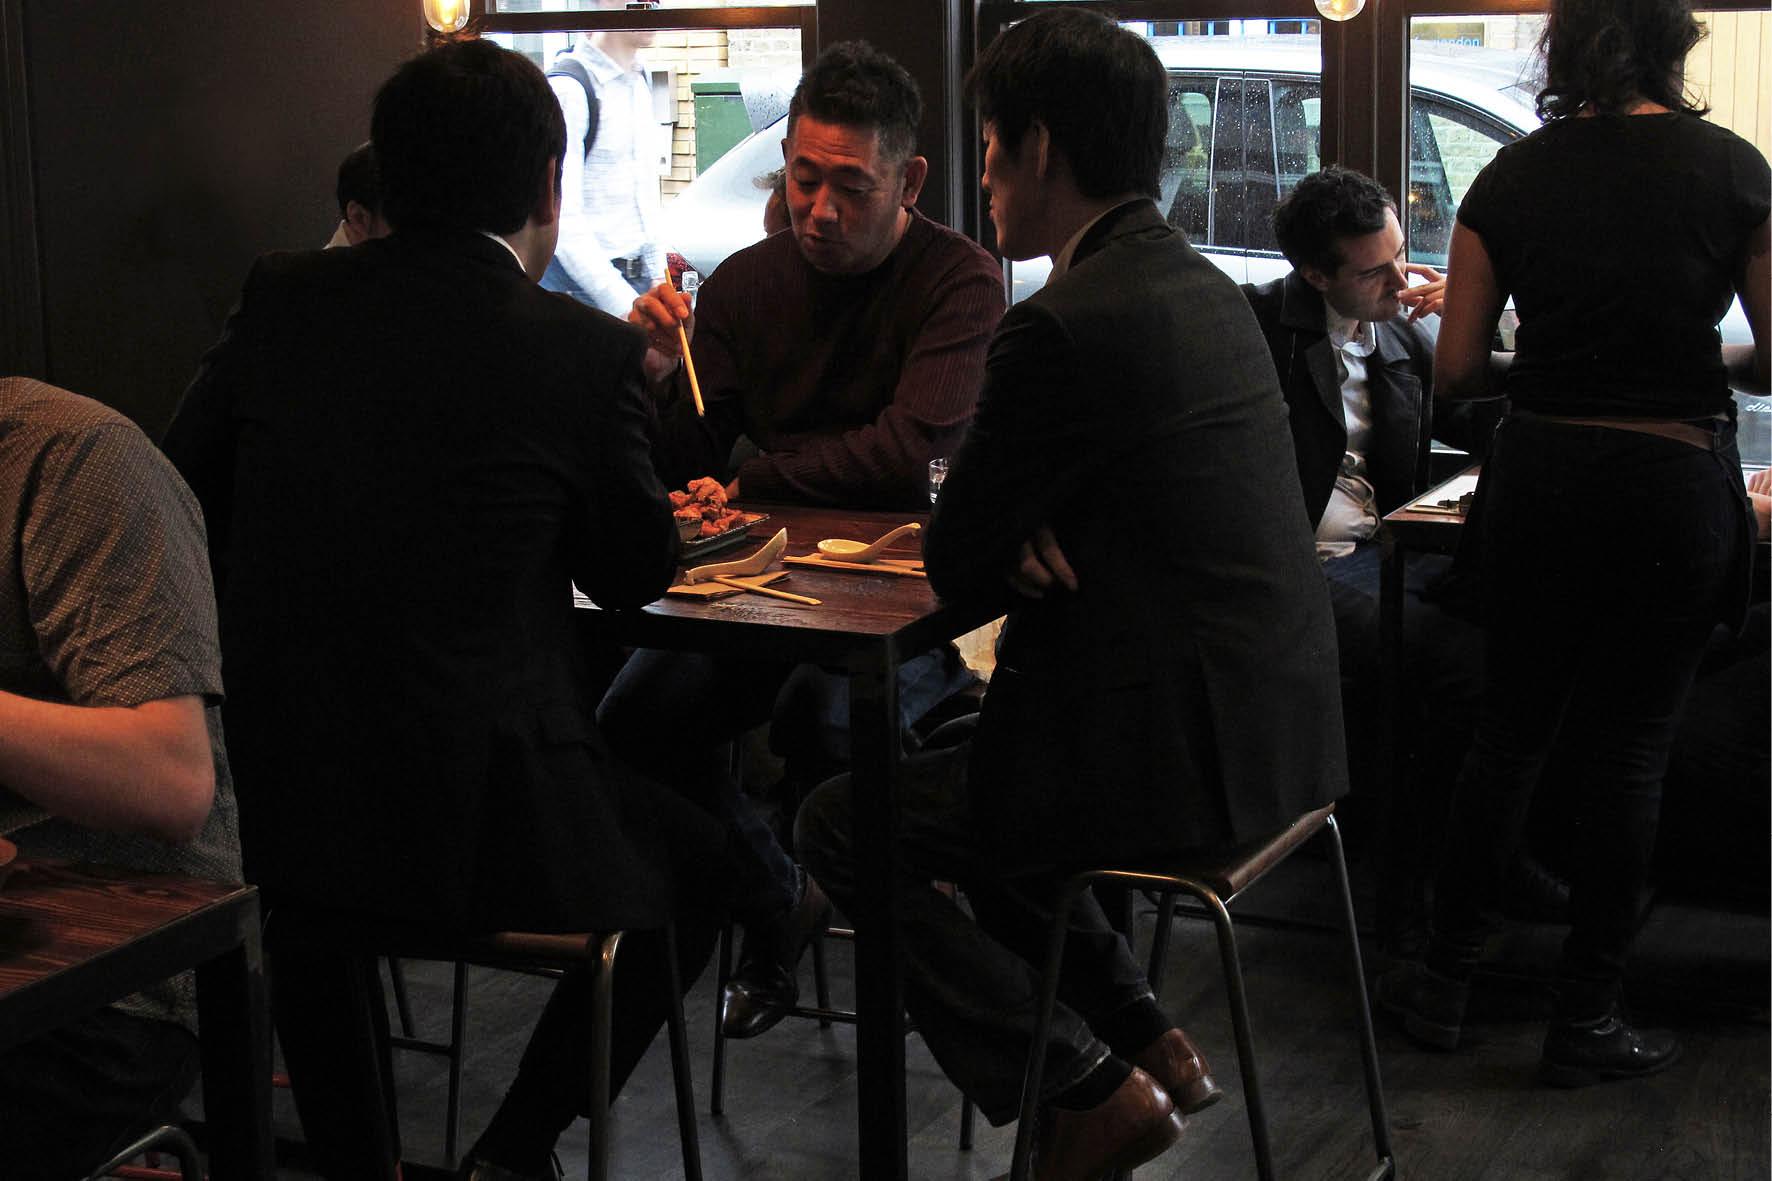 hakata_japanese_ramen+bar_2019_no_.jpg